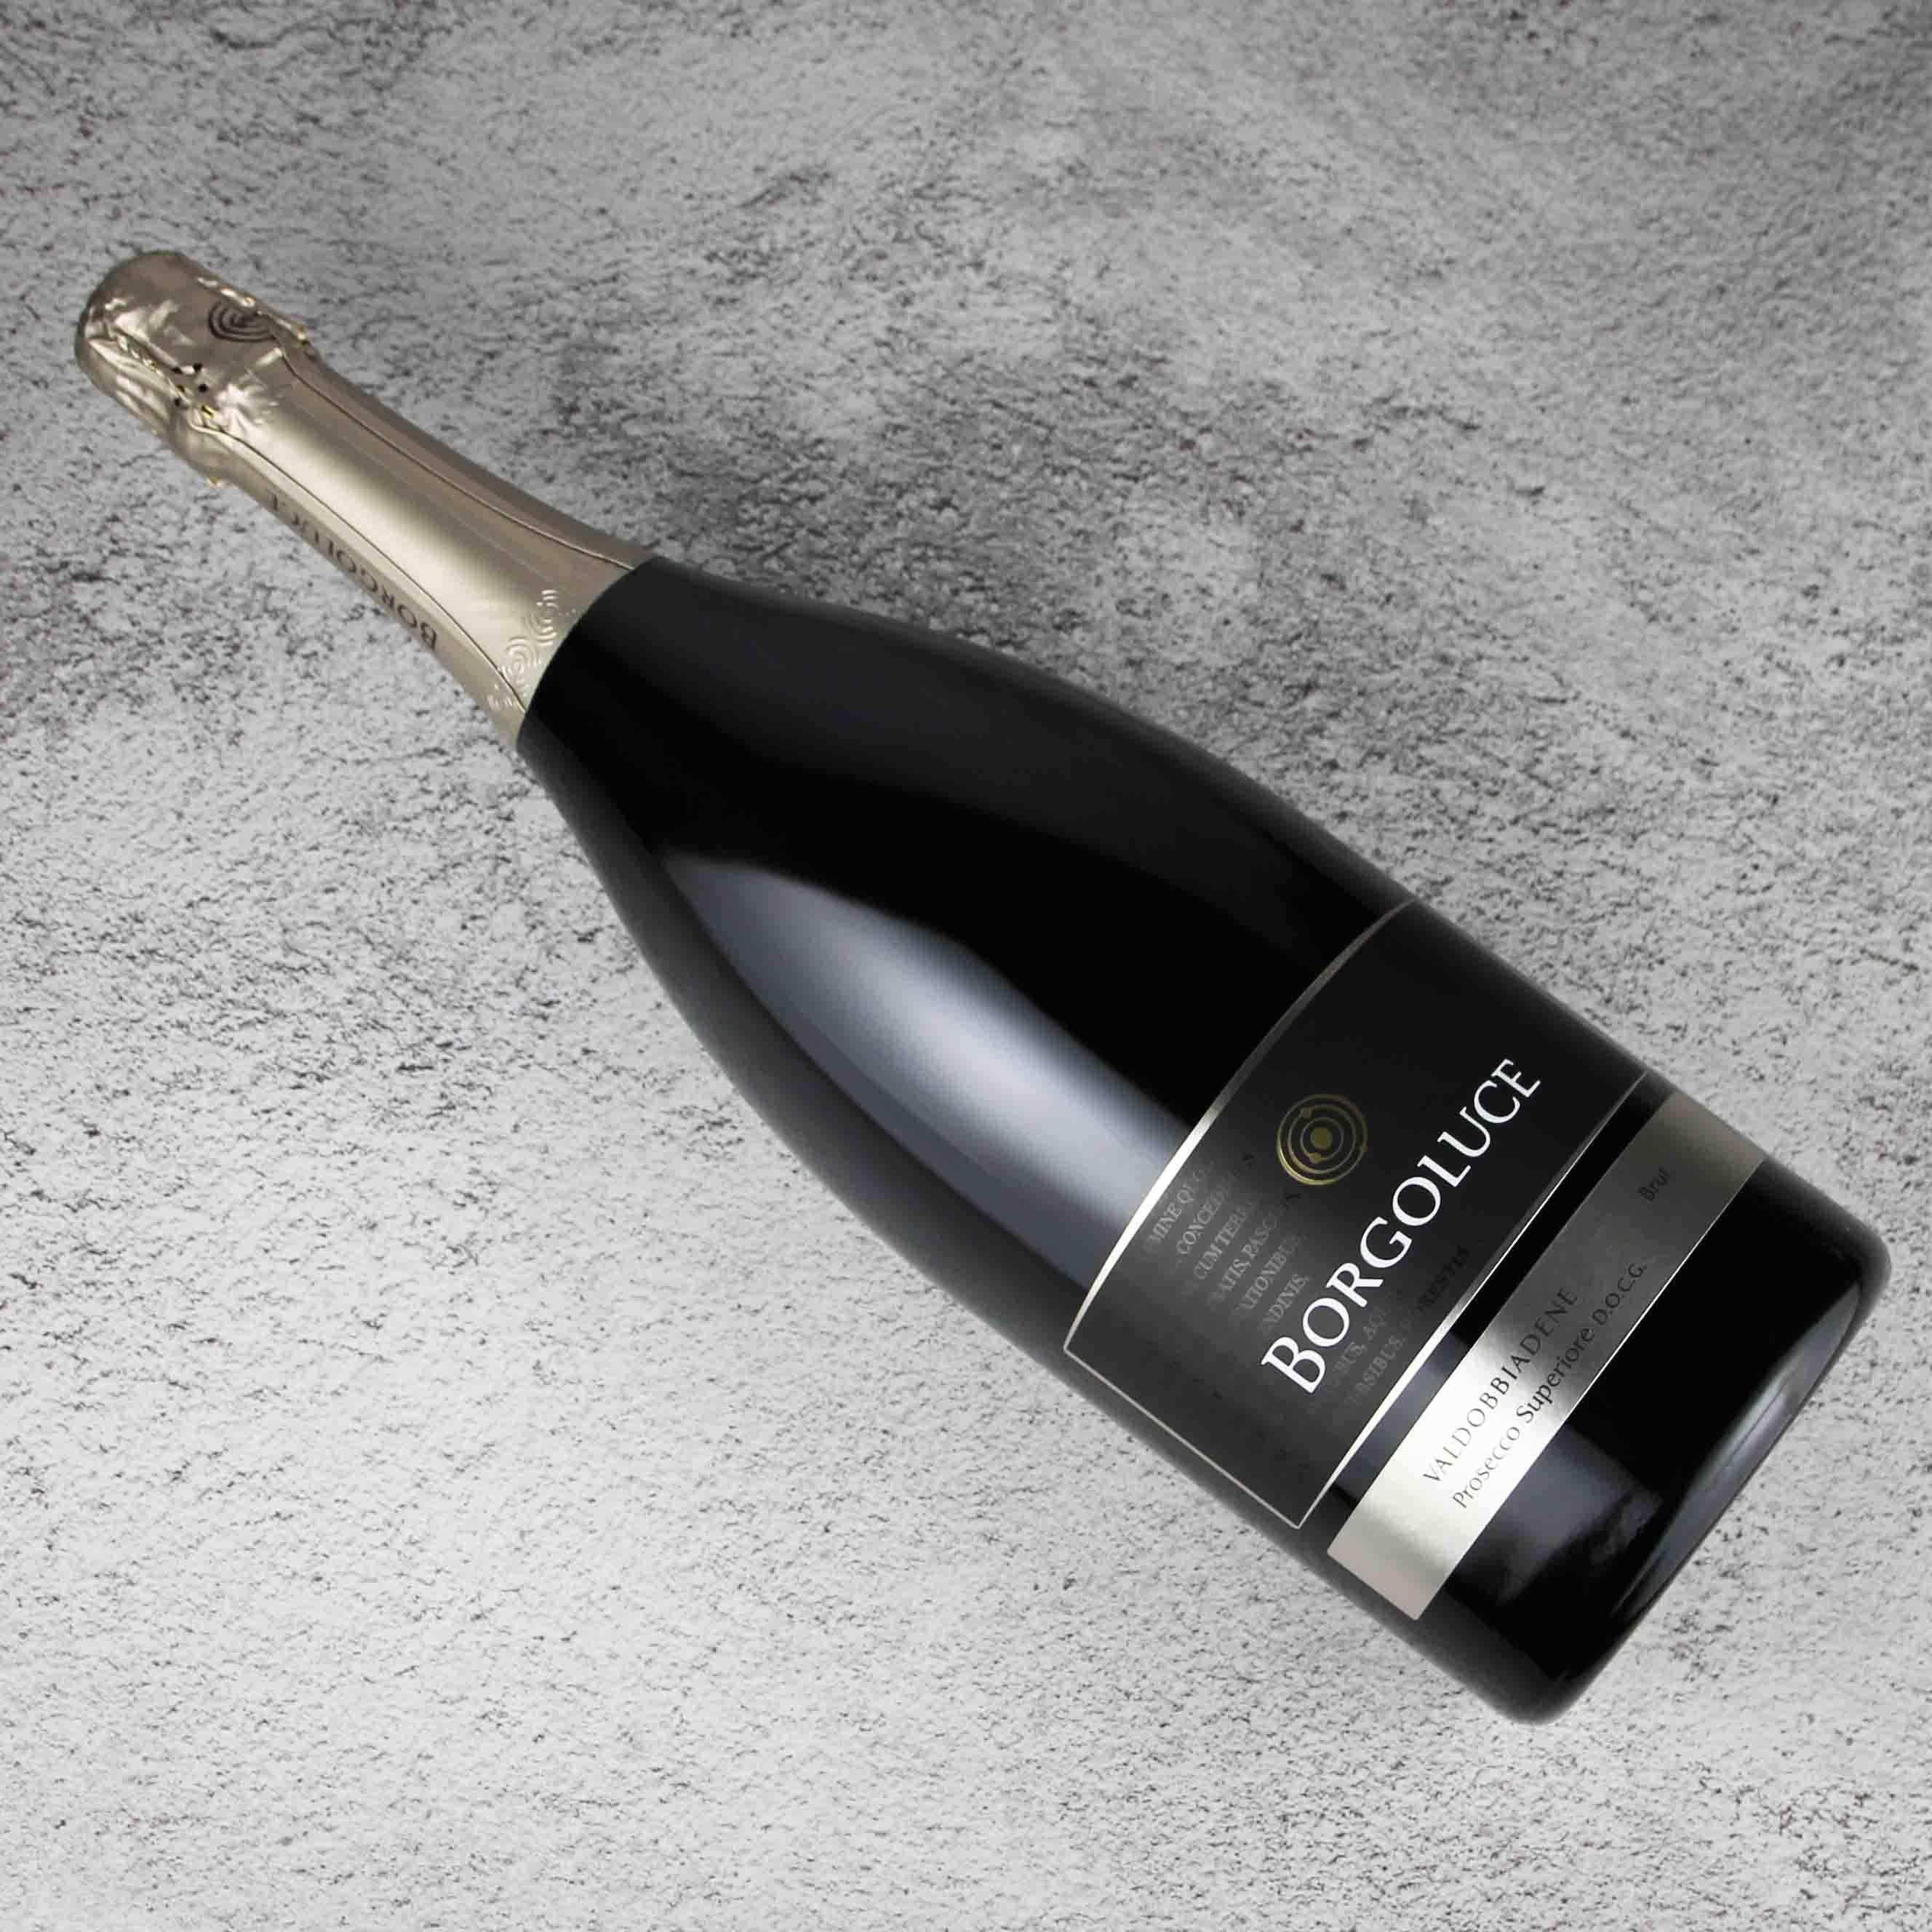 意大利瓦尔多比亚德内·普罗塞克 天然型高泡葡萄酒1.5L